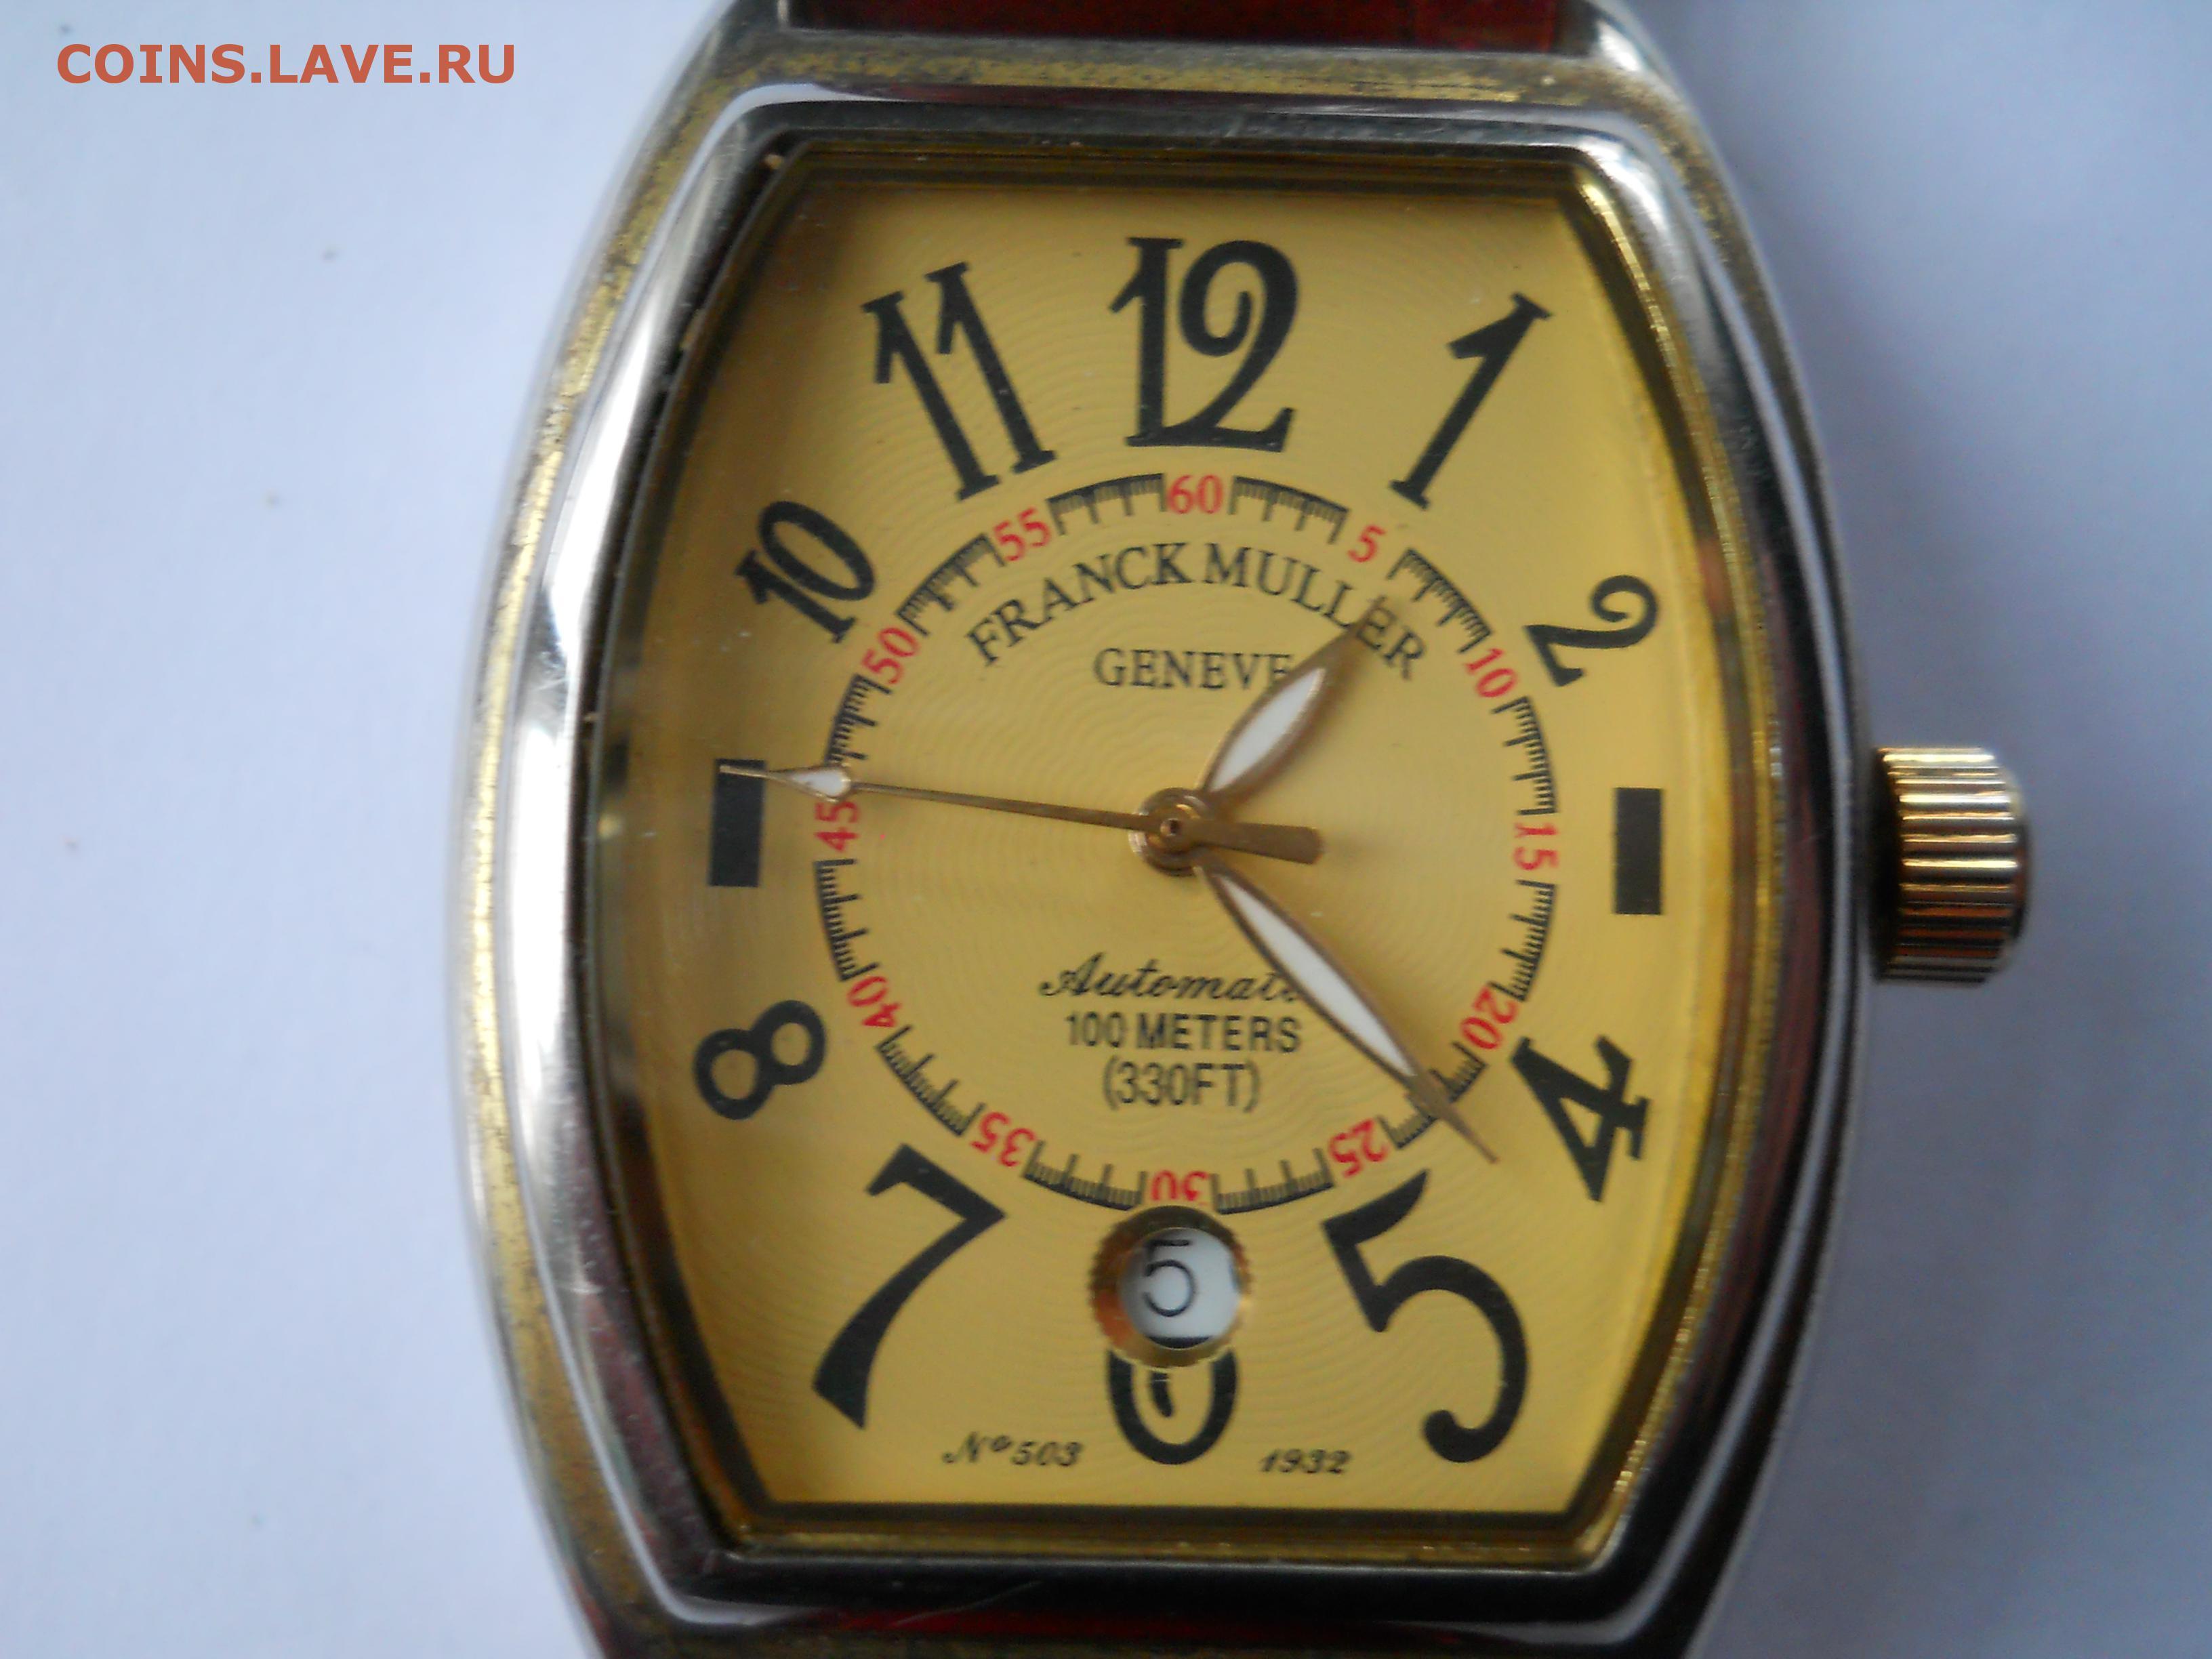 Мюллер часы продать франк часы где москве заложить в